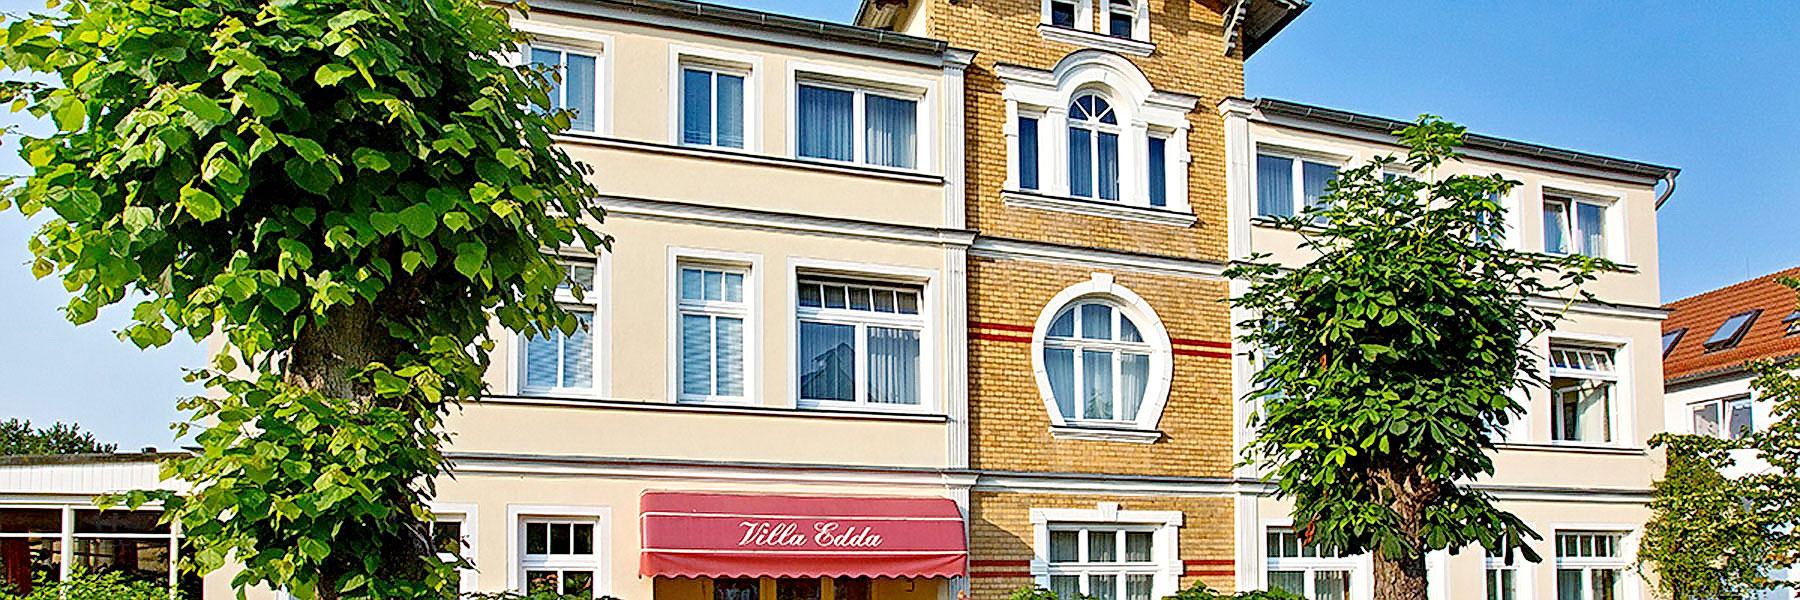 Außenansicht - Villa Edda (Hotel-Garni - Ferienwohnungen - Appartements)